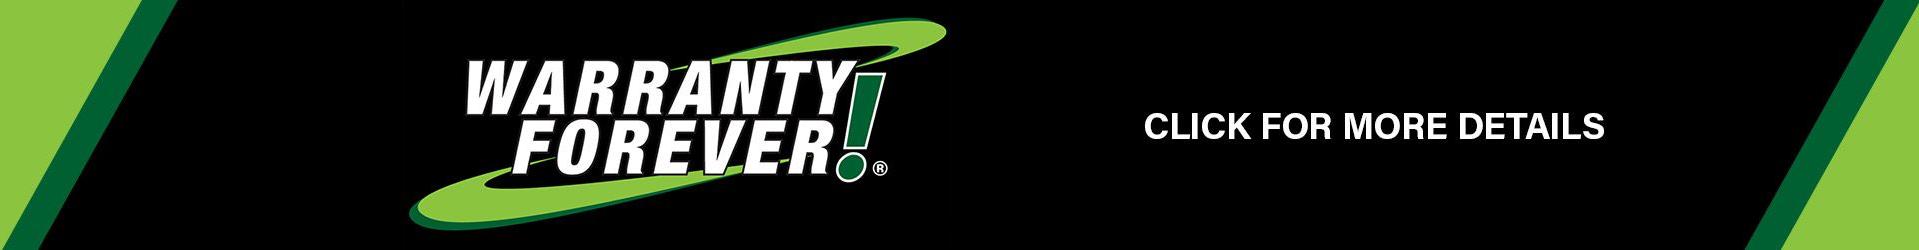 Warranty Forever! Click for Details